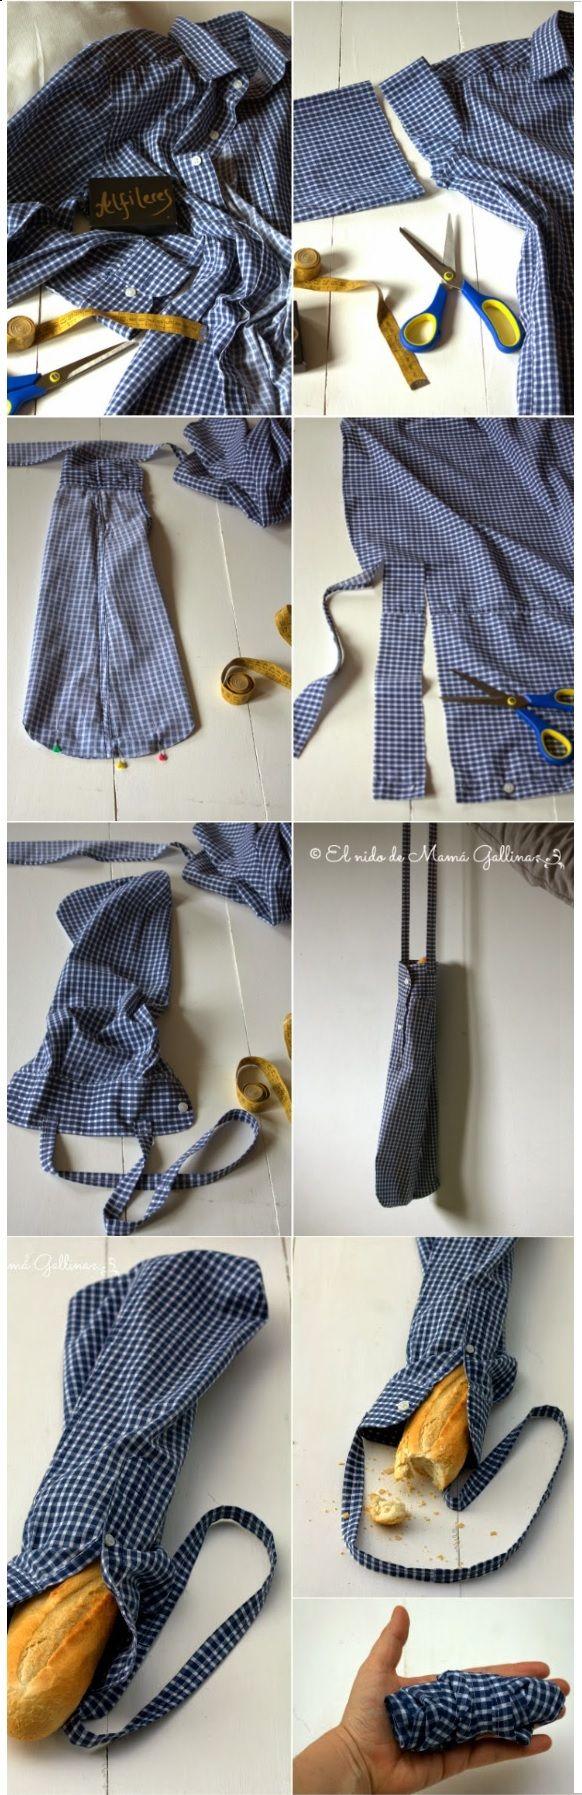 1 manche de chemise = 1 sac à pain ! ༺✿Teresa Restegui http://www.pinterest.com/teretegui/✿༻